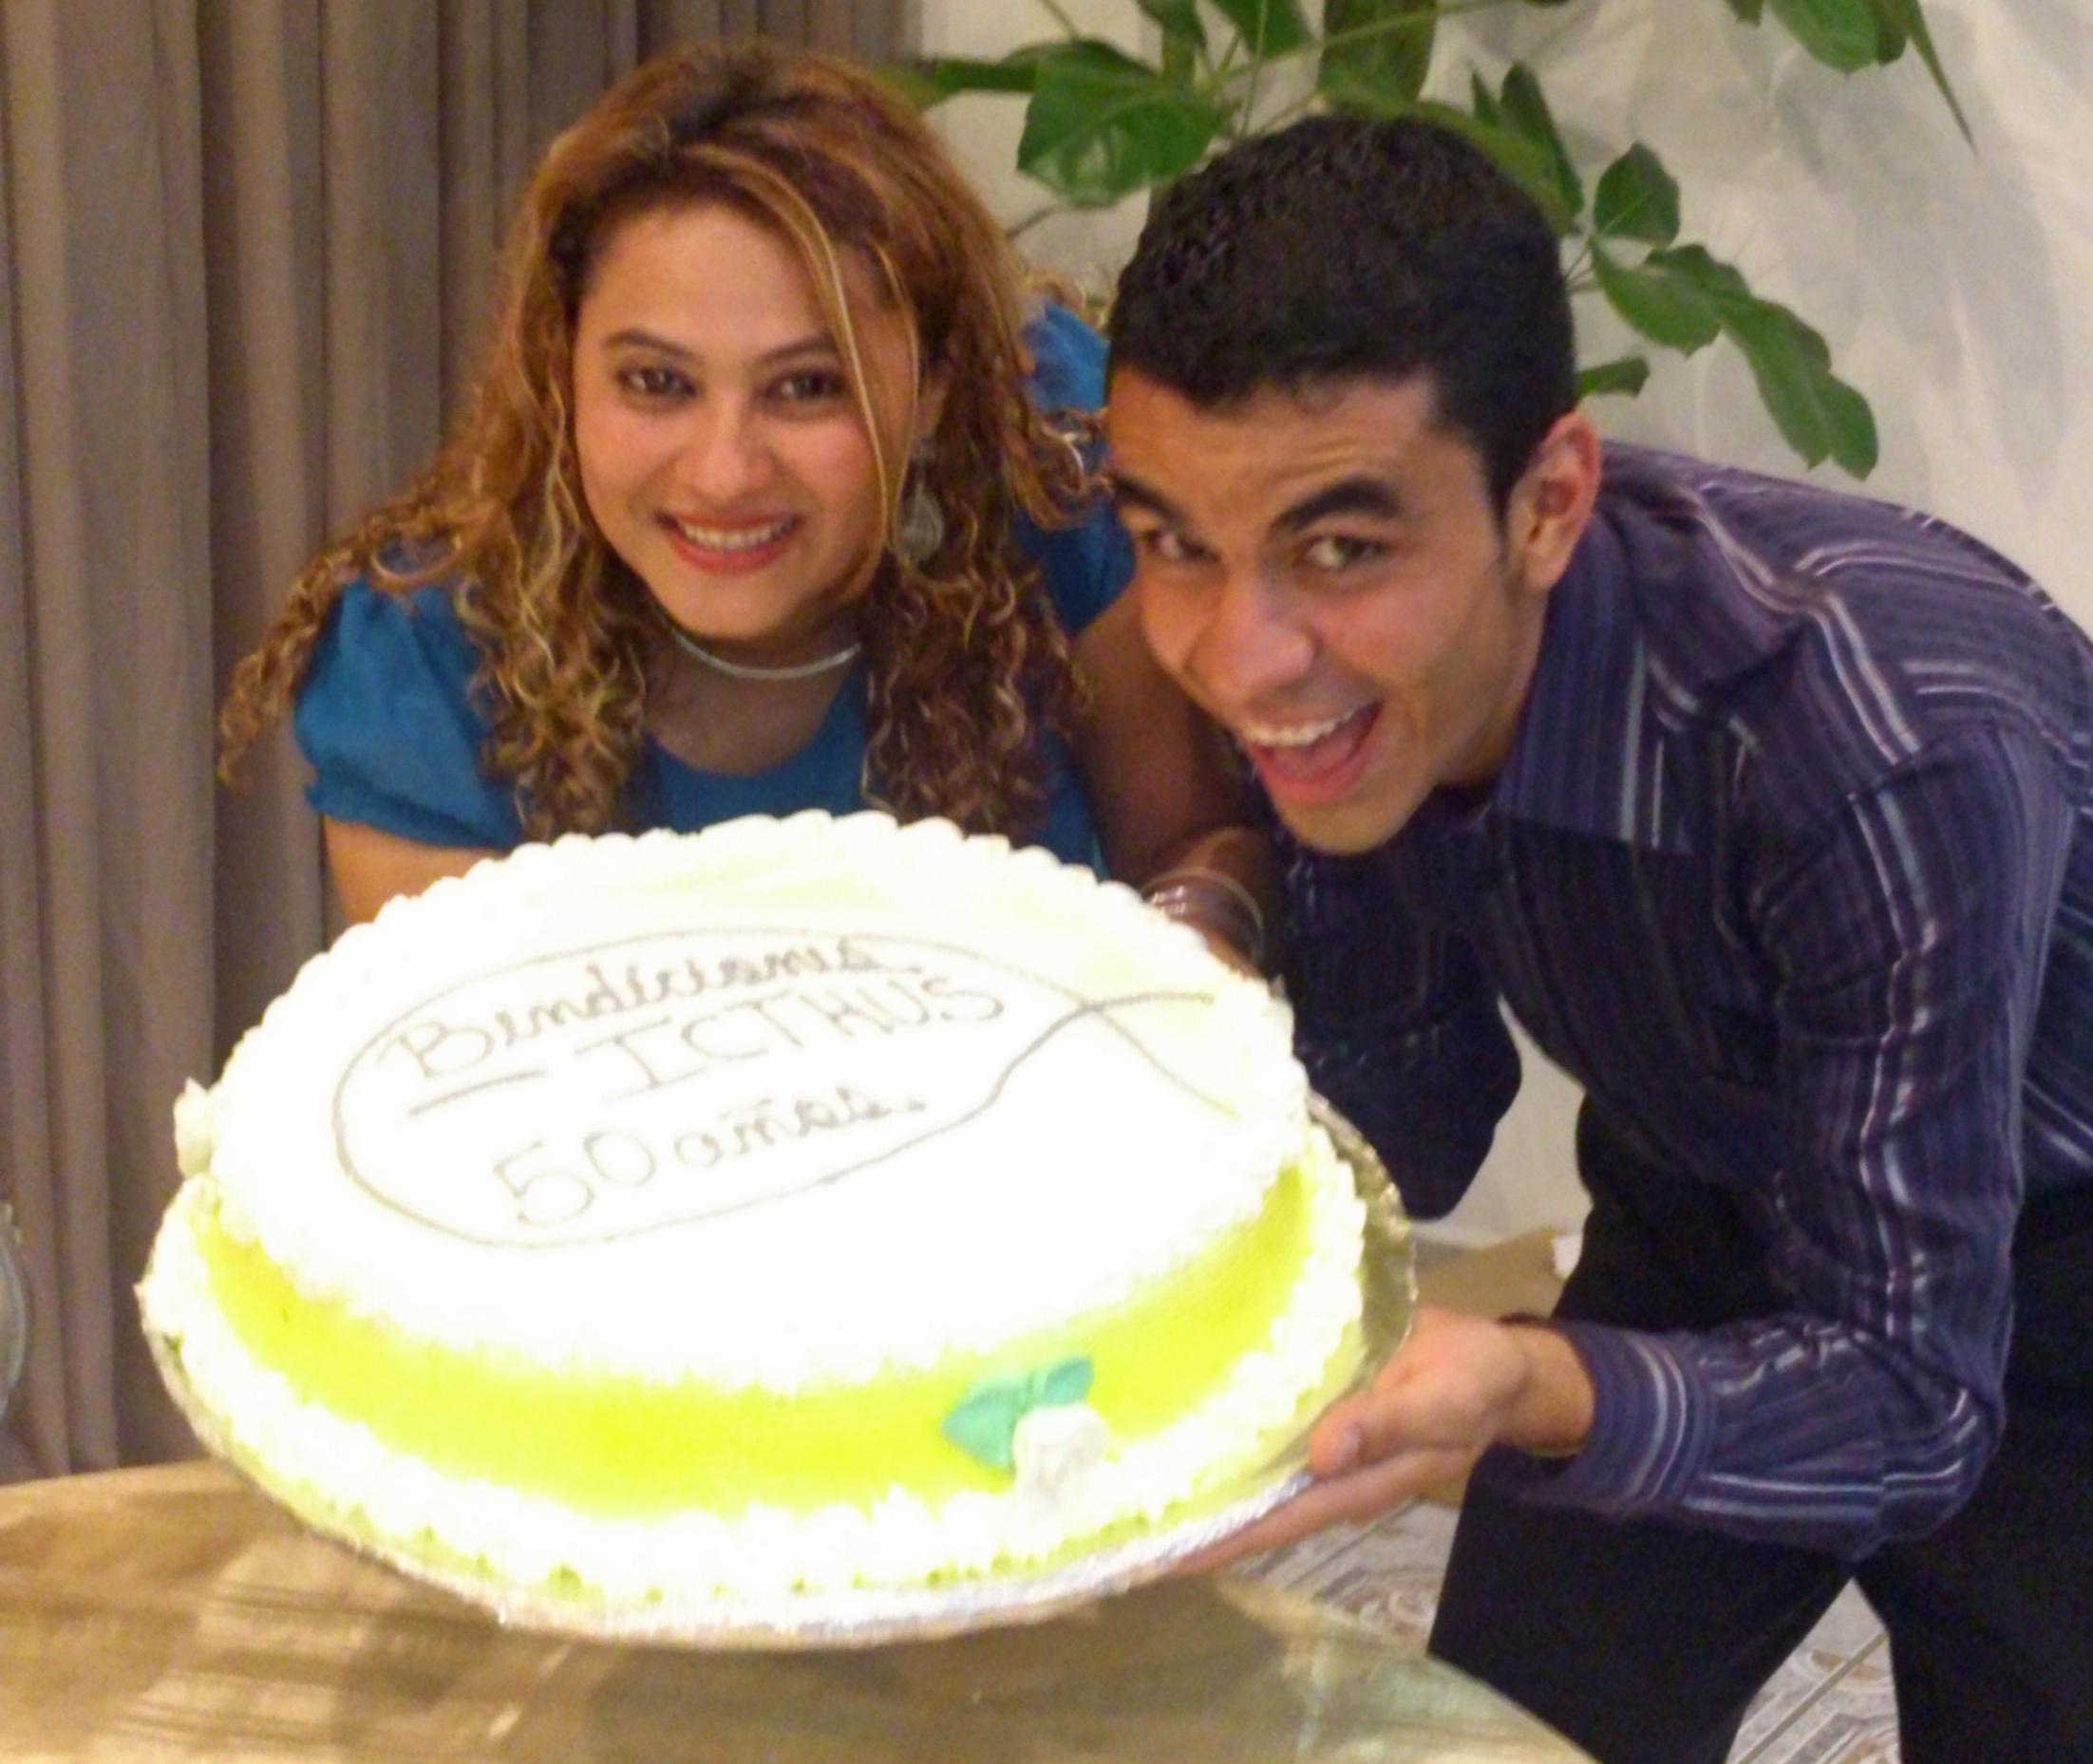 ¡Todos querían una foto con el pastel!